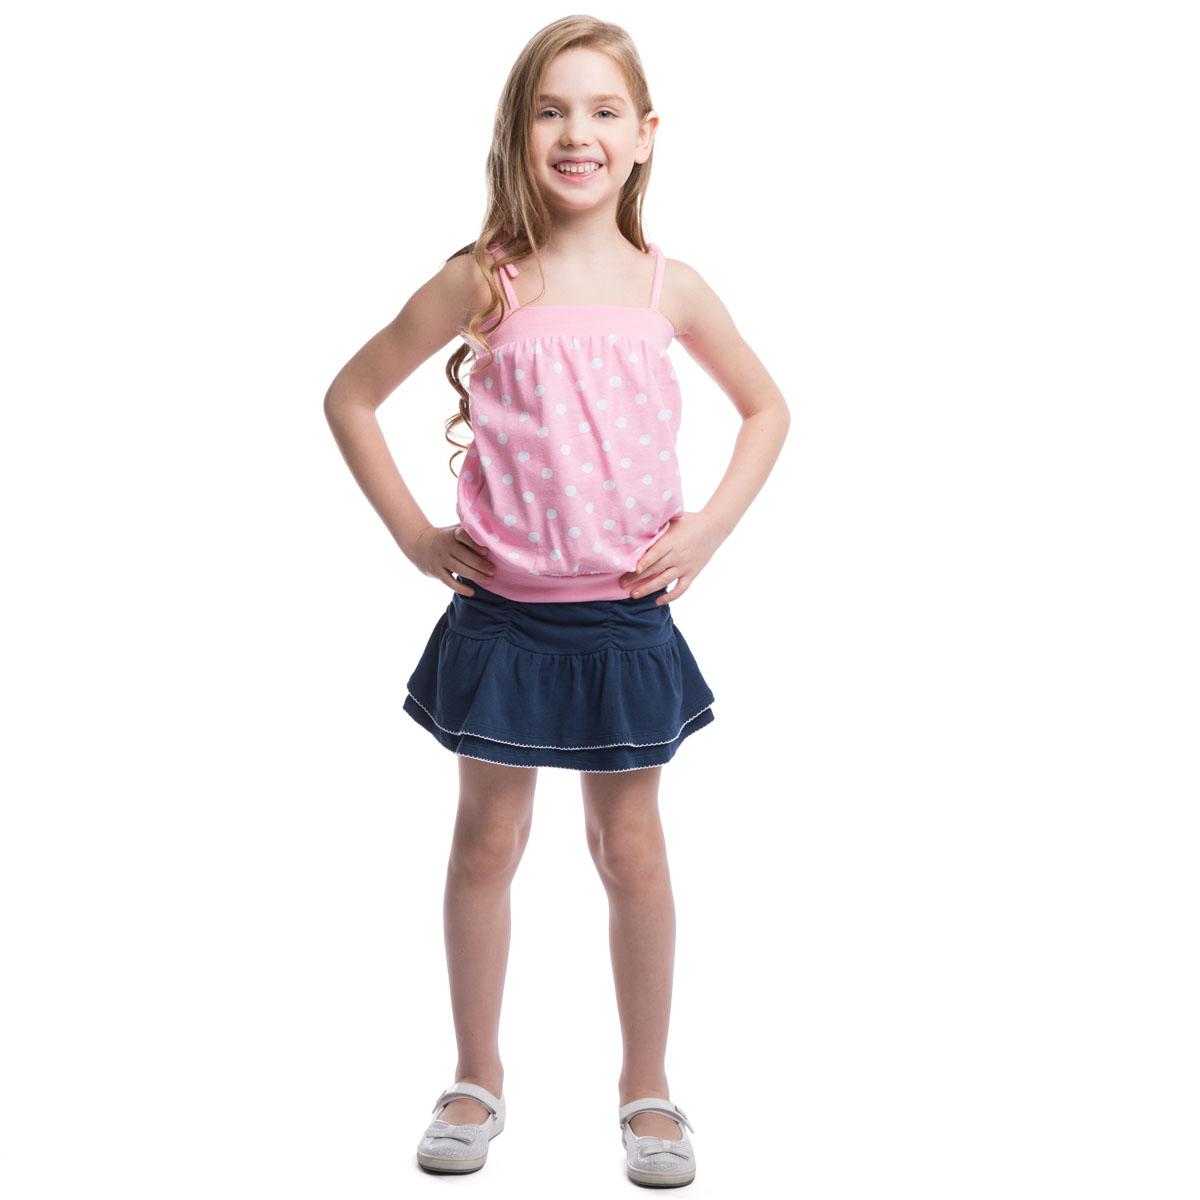 Юбка для девочки. 262020262020Юбка для девочки PlayToday идеально подойдет вашей моднице и станет отличным дополнением к летнему гардеробу. Изготовленная из эластичного хлопка, она мягкая и приятная на ощупь, не сковывает движения и позволяет коже дышать, не раздражает нежную кожу ребенка, обеспечивая наибольший комфорт. Юбка-миди на талии имеет широкую эластичную трикотажную резинку. Модель оформленка сборкой на резинки и дополнена двумя воланами, декорированными контрастными ажурными петельками. В такой модной юбке ваша принцесса будет чувствовать себя комфортно, уютно и всегда будет в центре внимания!